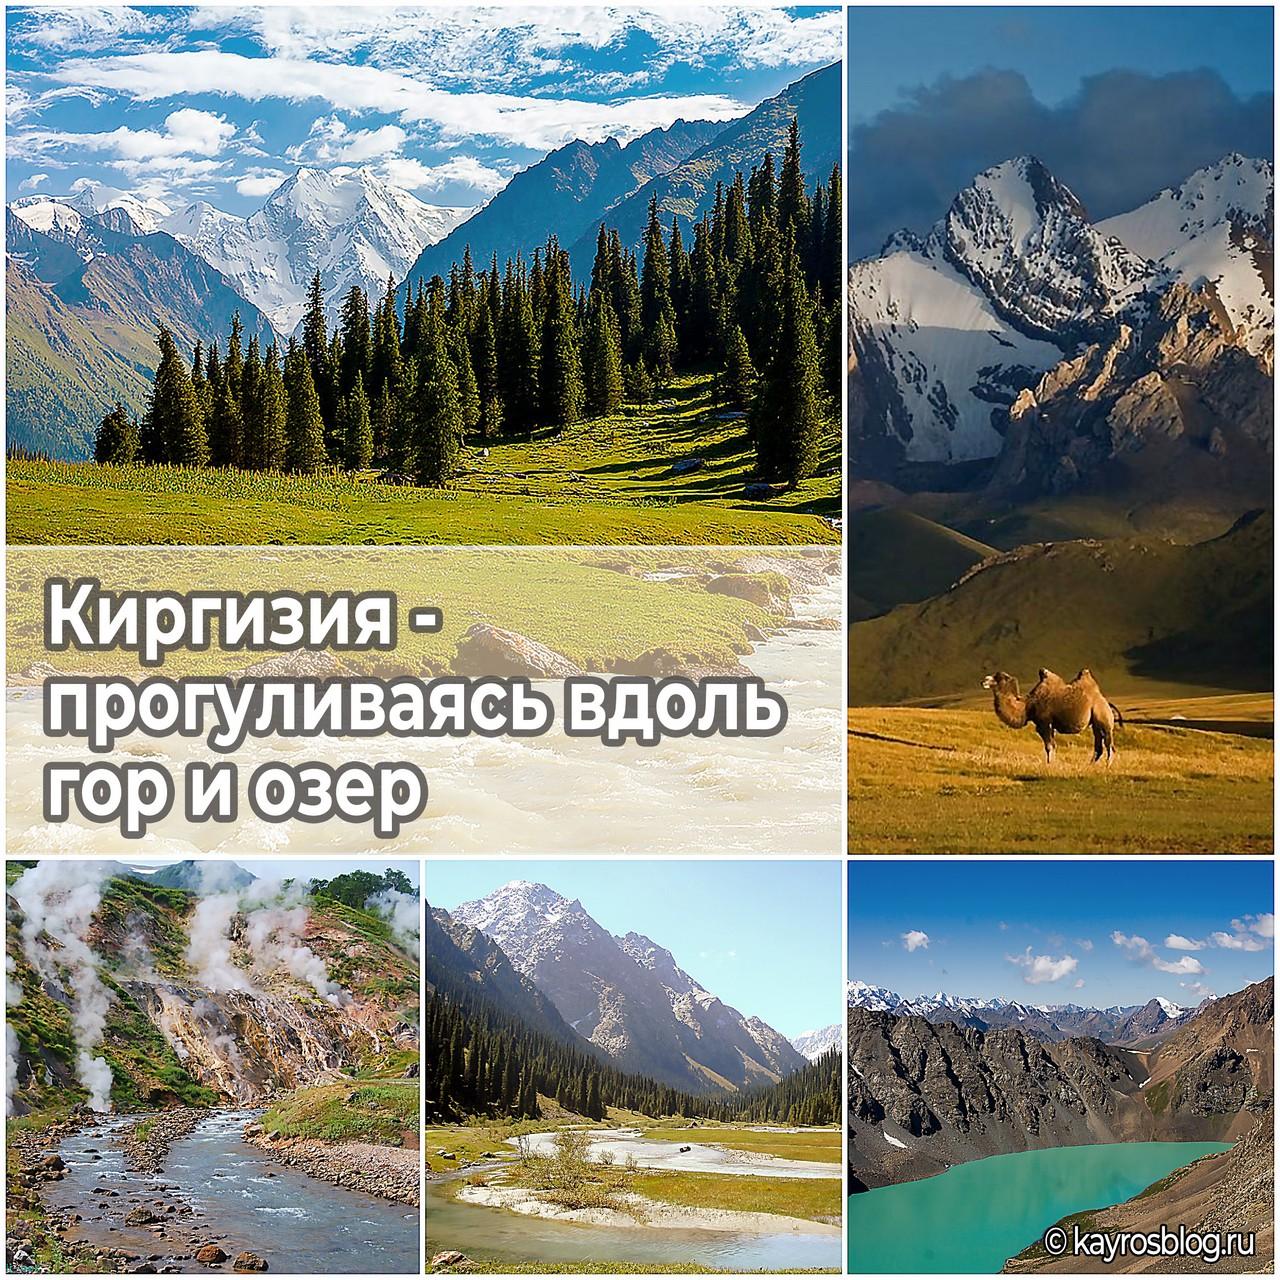 Киргизия - прогуливаясь вдоль гор и озер